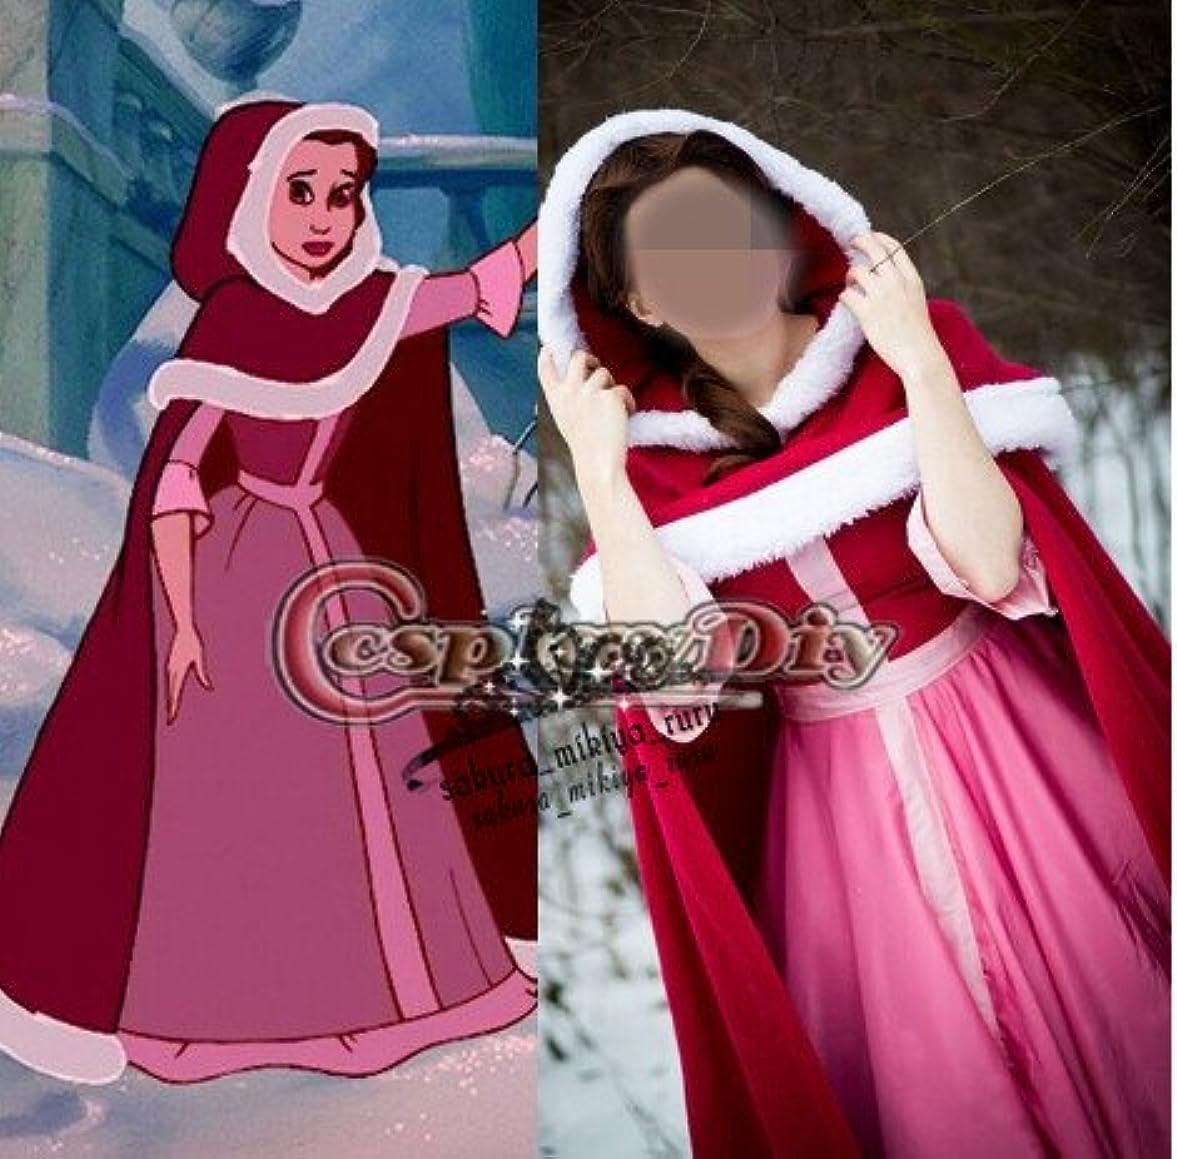 良心的浮浪者多様な美女と野獣美人赤頭巾プリンセスドレスコスプレ衣装  オーダーサイズ可能 クリスマス、ハロウィン イベント仮装  コスチューム